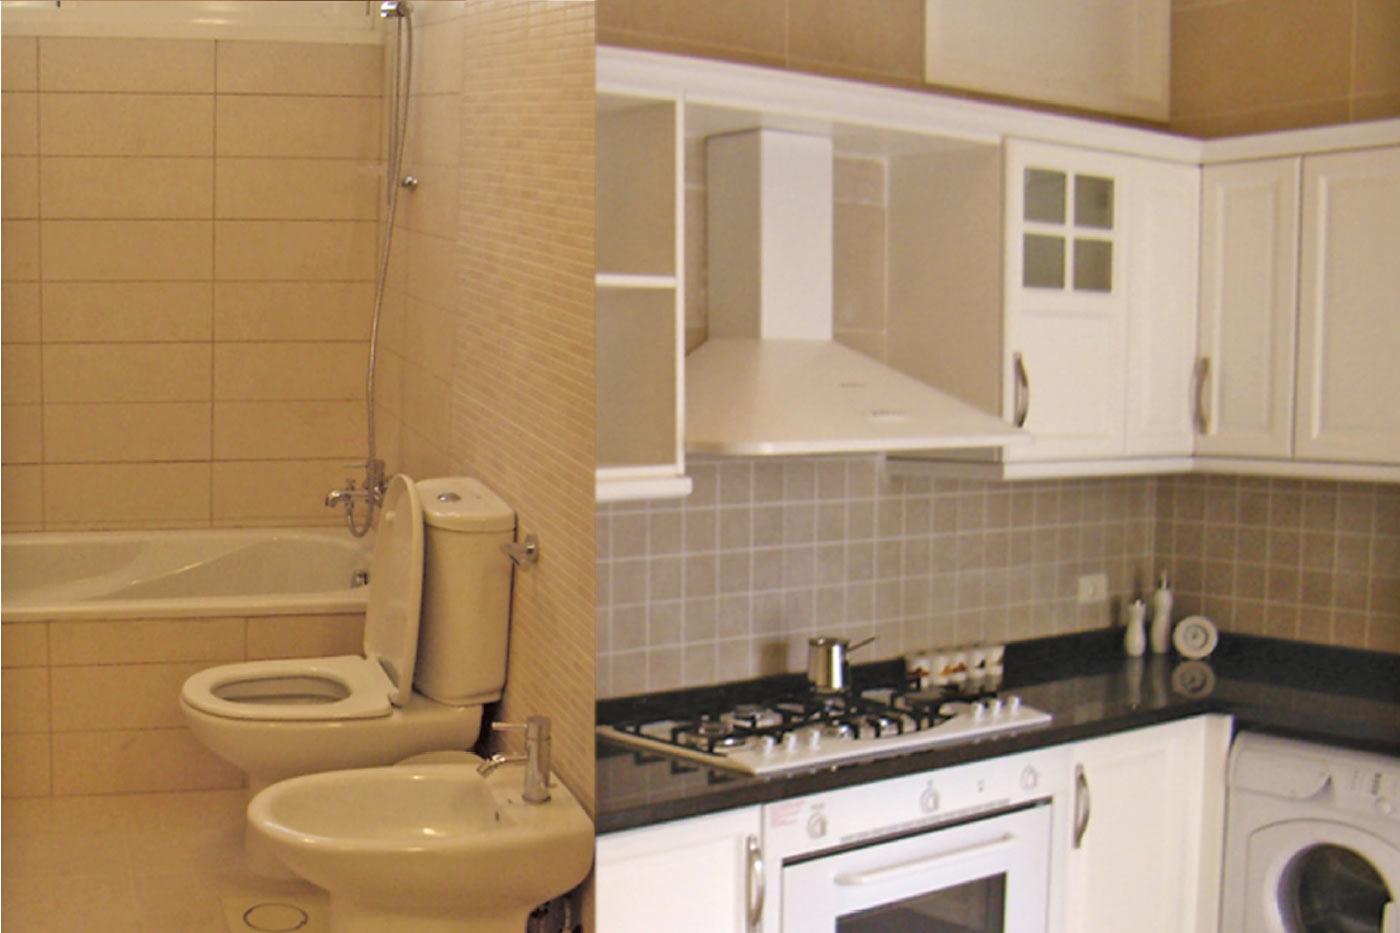 Sankari Residence - Kitchen to the Right & Toilet to Left